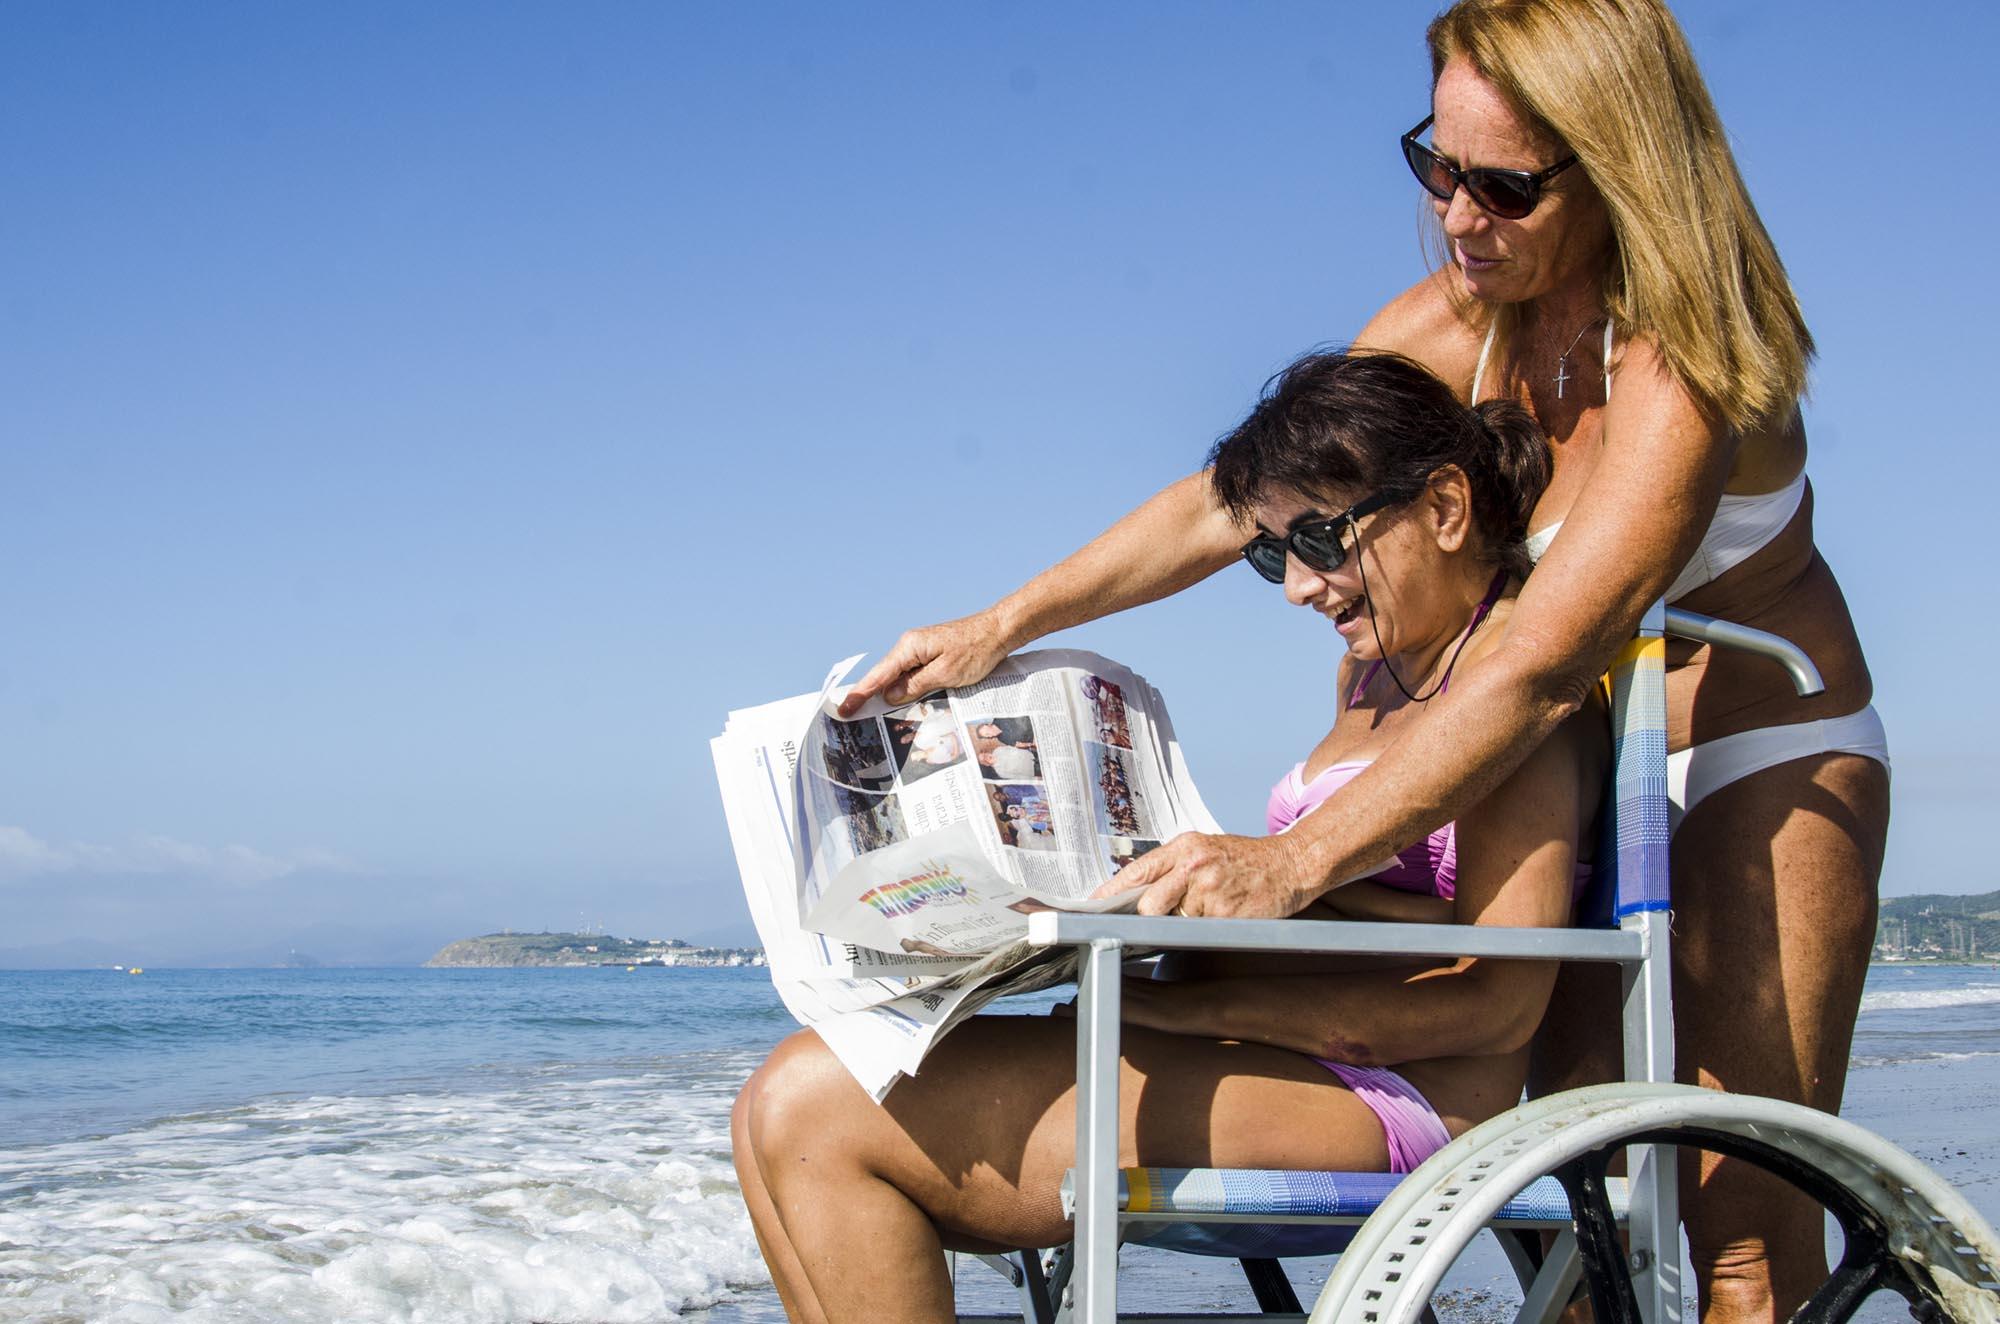 0145 Assistenza in spiaggia alle persone con disabilita - Assistenza disabili in spiaggia, tutti al mare